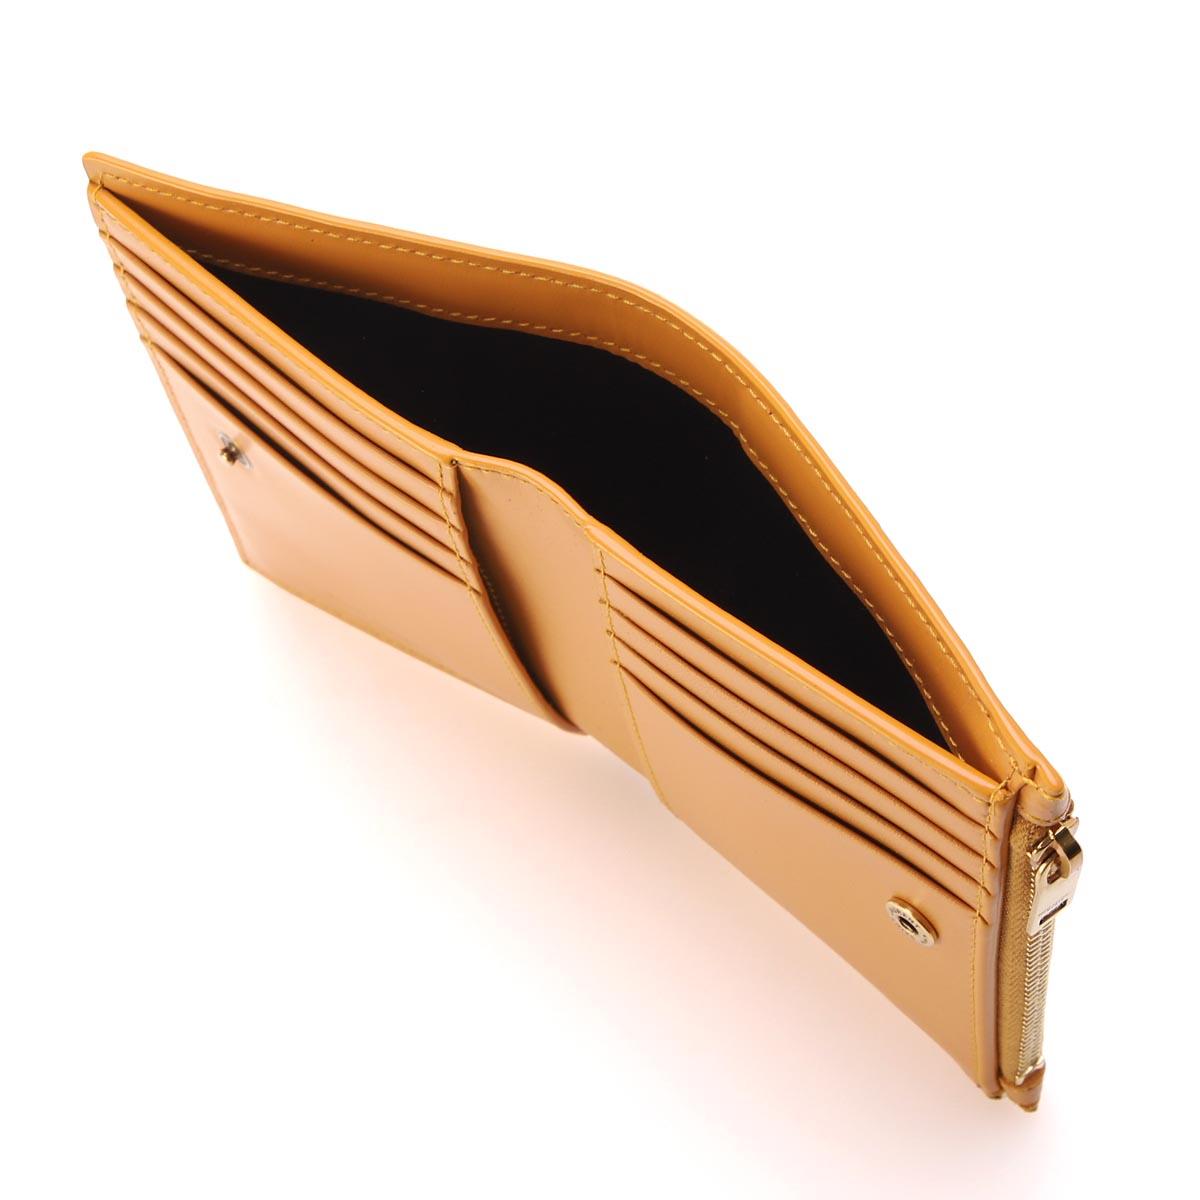 【タイムセール】SAINT LAURENT サンローラン 2つ折り財布 小銭入れ付き レディース